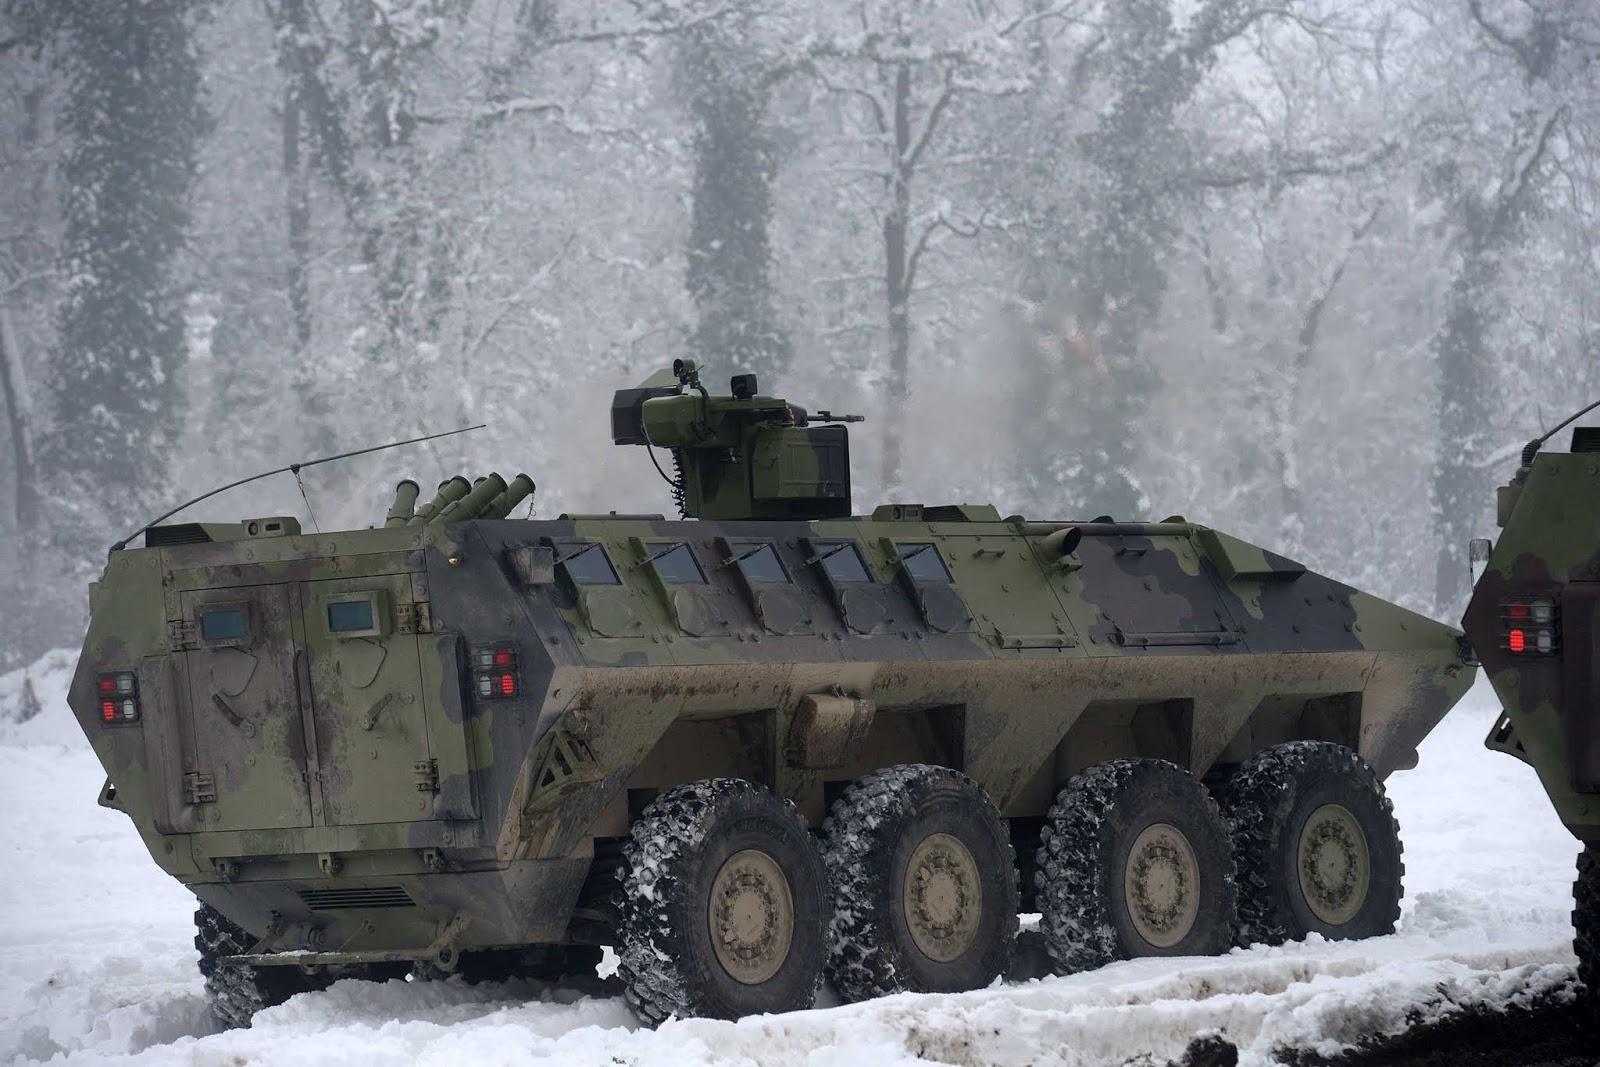 Сербська армія прийняла на озброєння нову колісну бронемашину Lazar 3